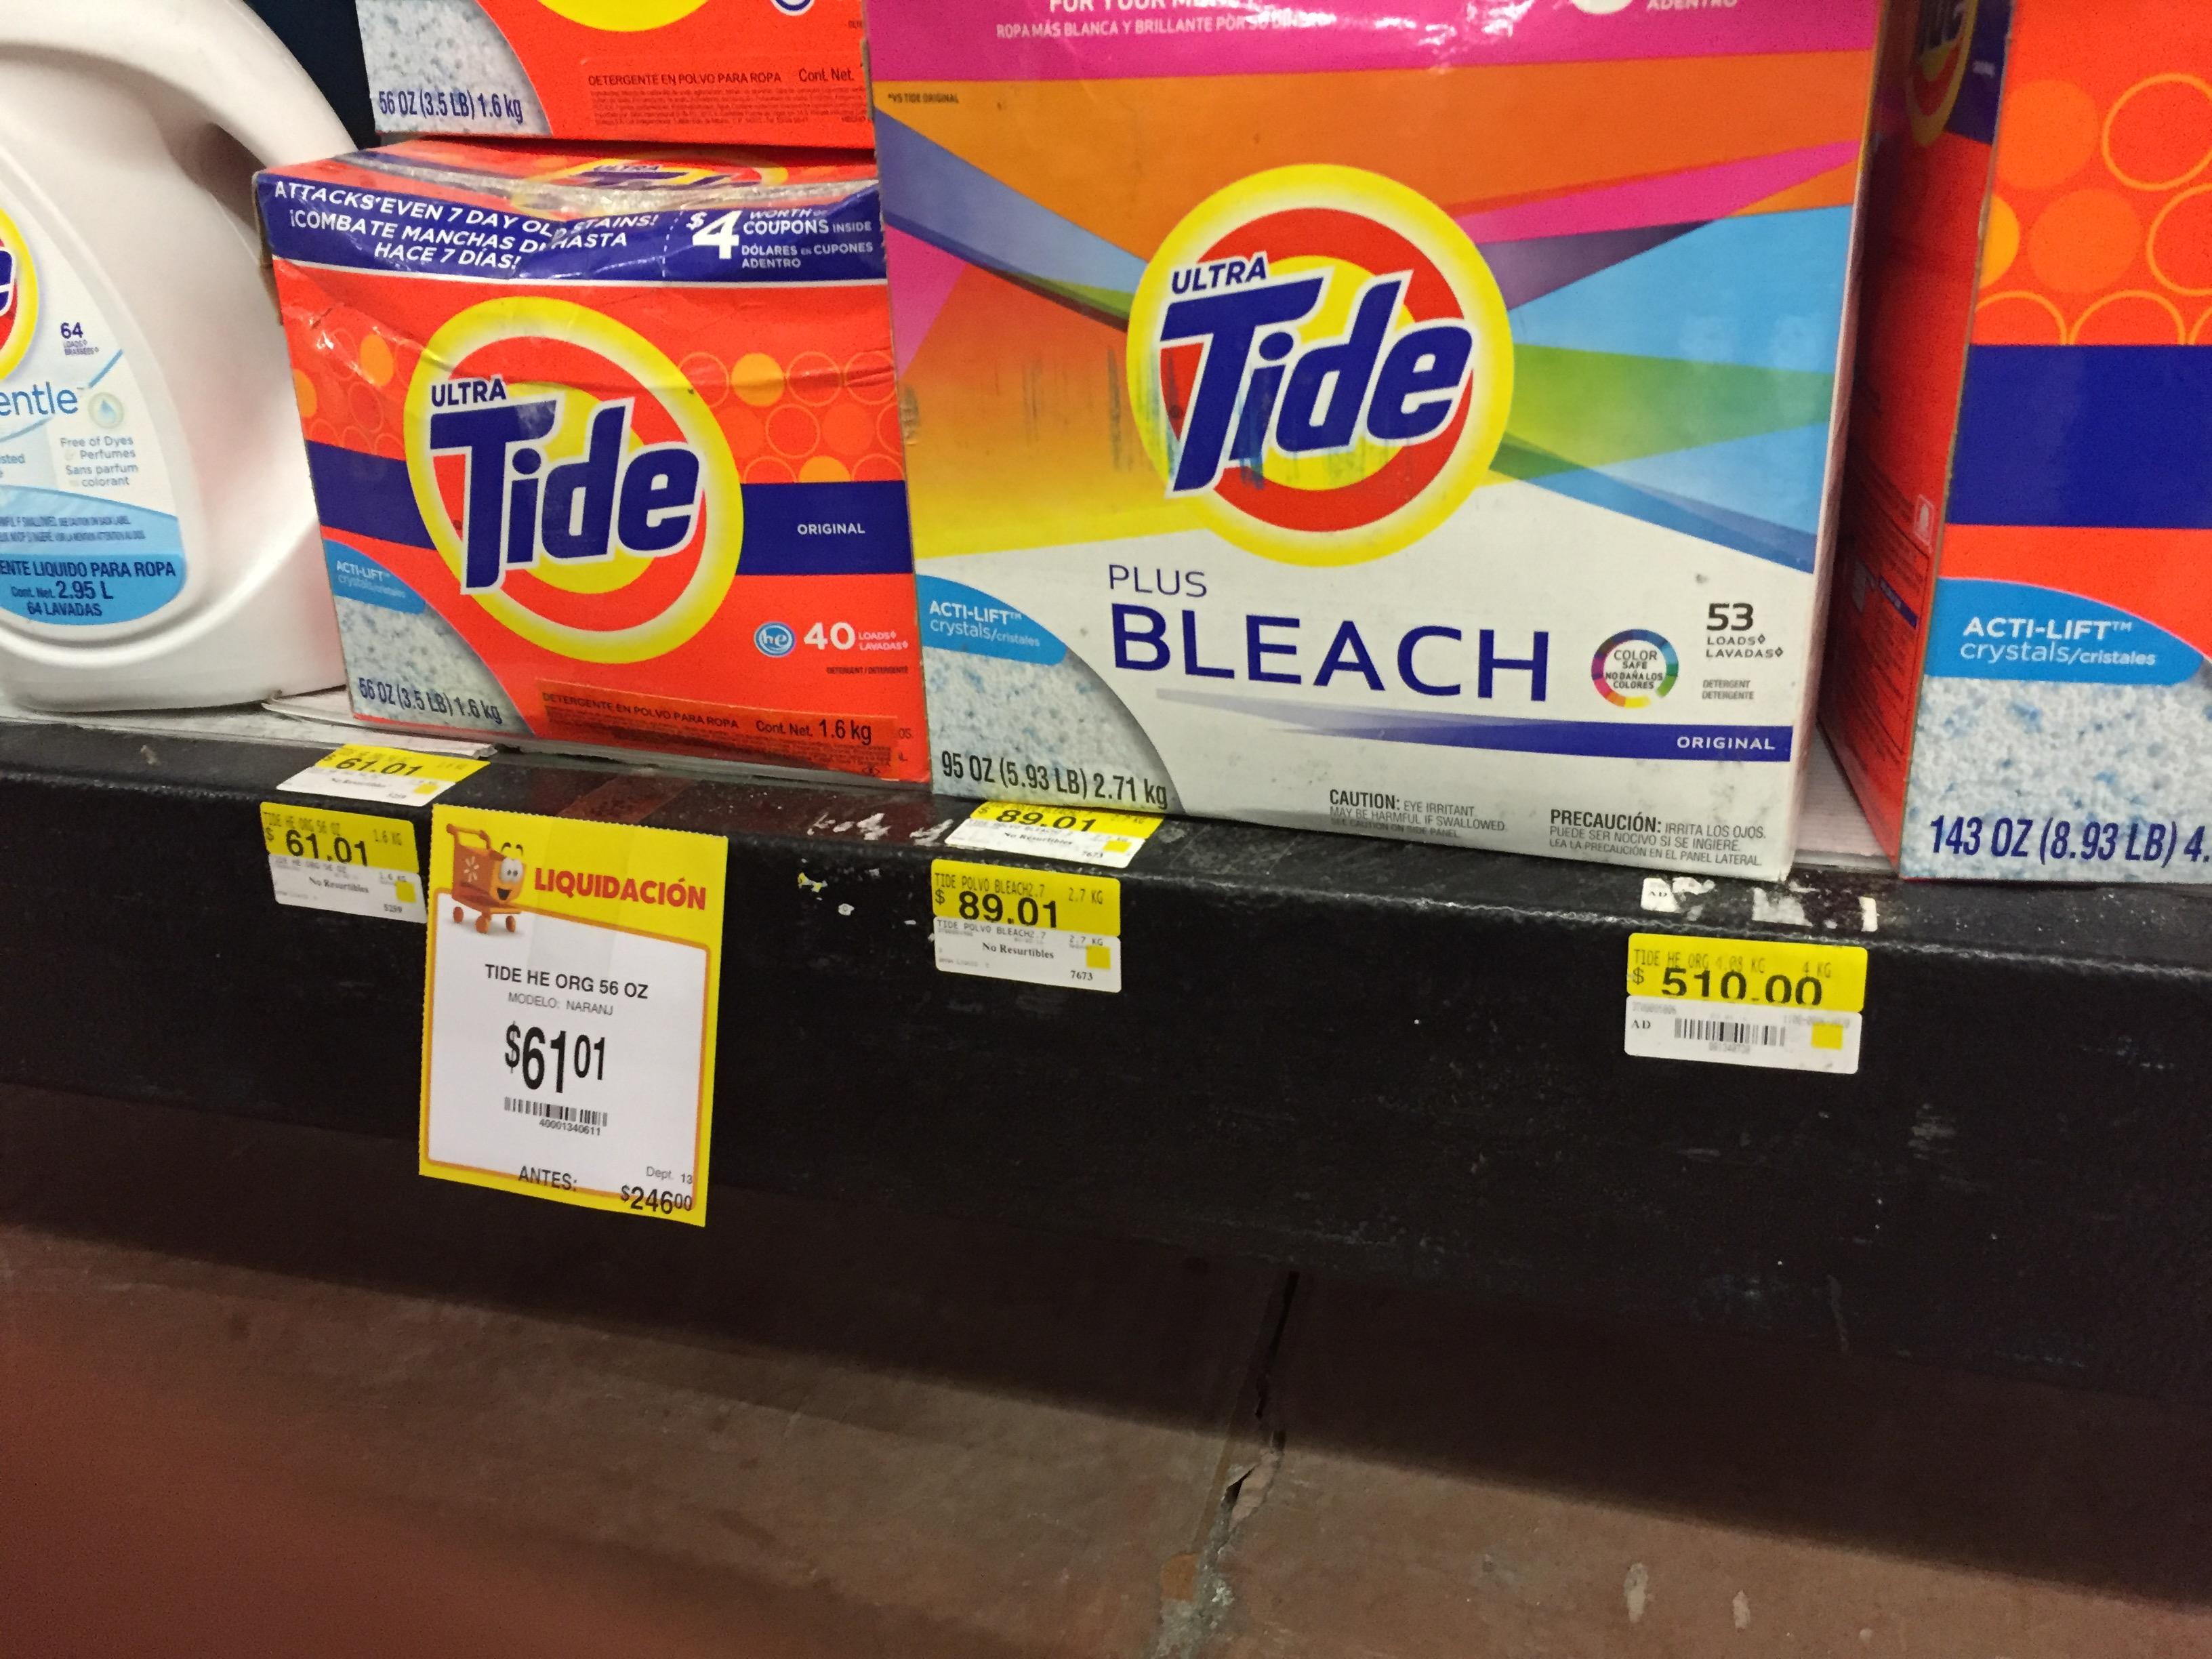 Walmart Horizonte: Detergenre Tide desde 60.01 y Esponja Clorox en 3.01